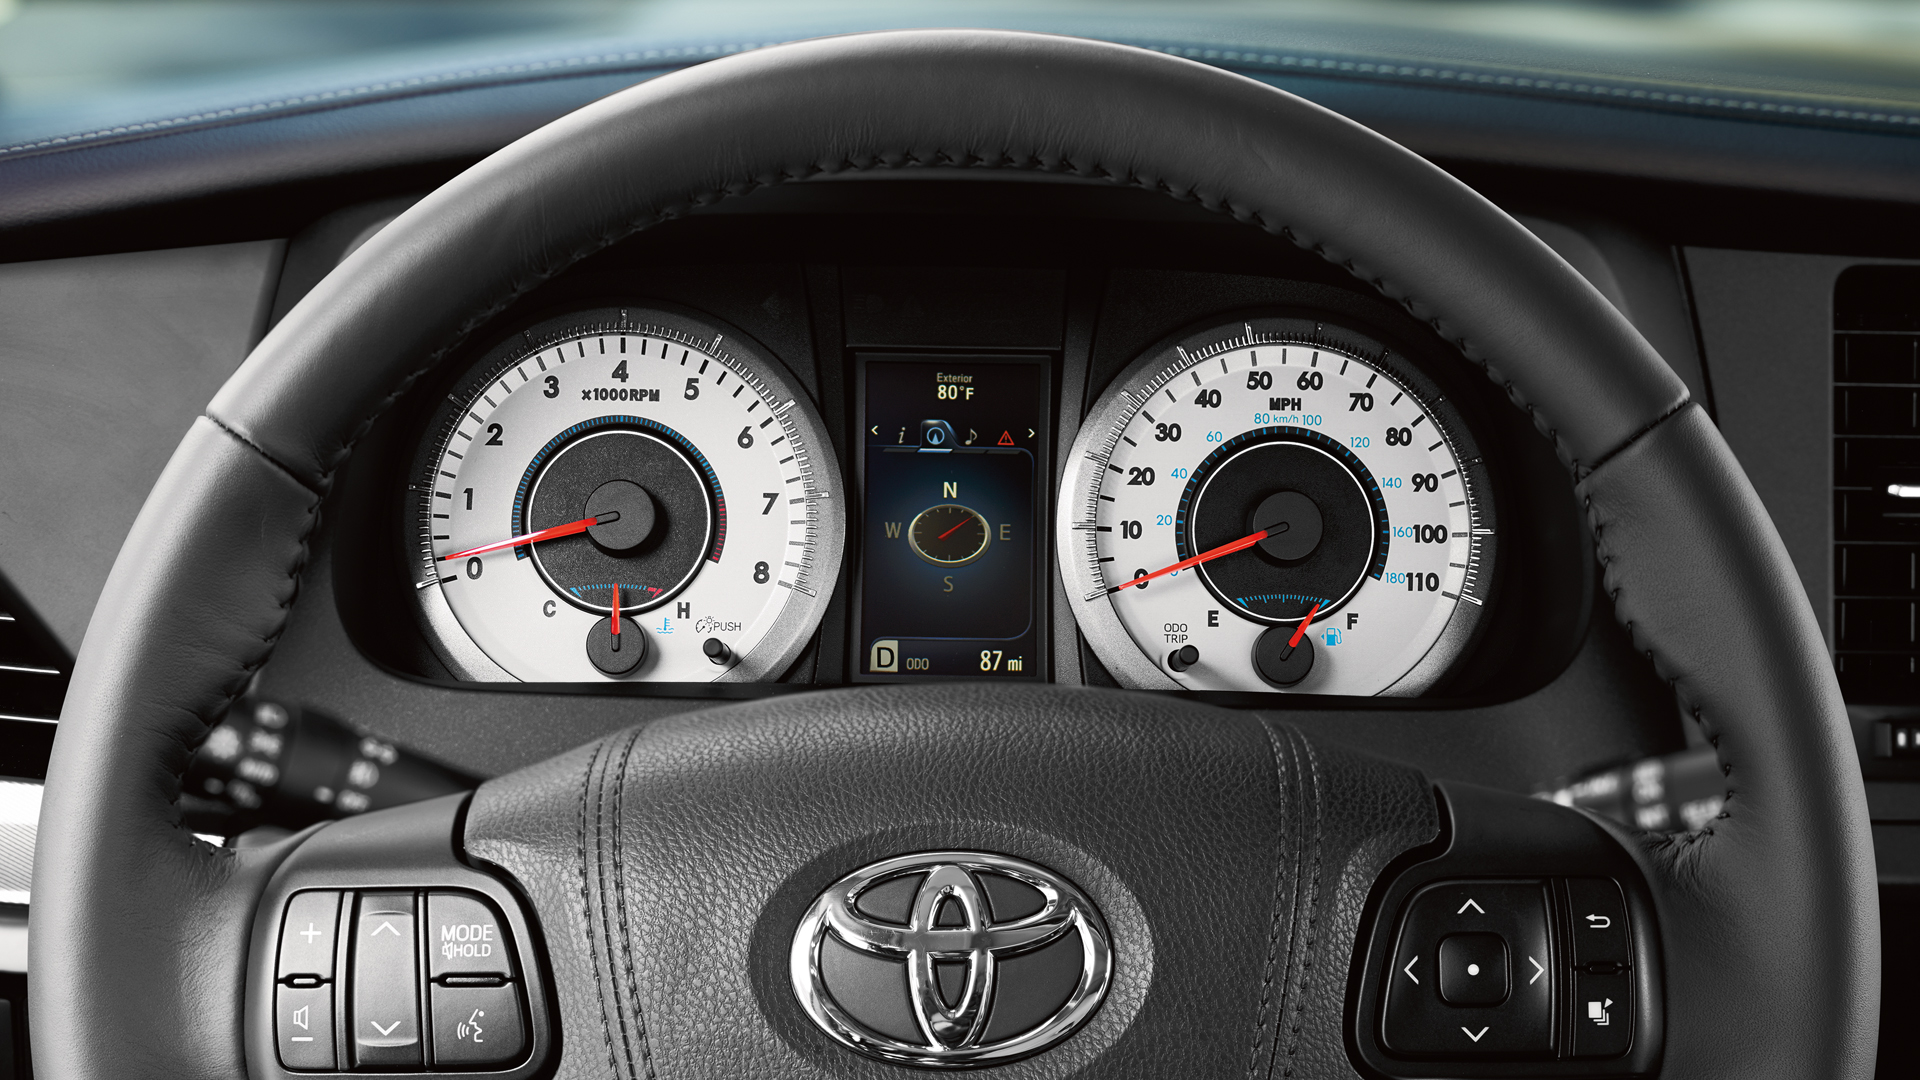 Toyota Sienna Steering Wheel Controls. Toyota Sienna Interior